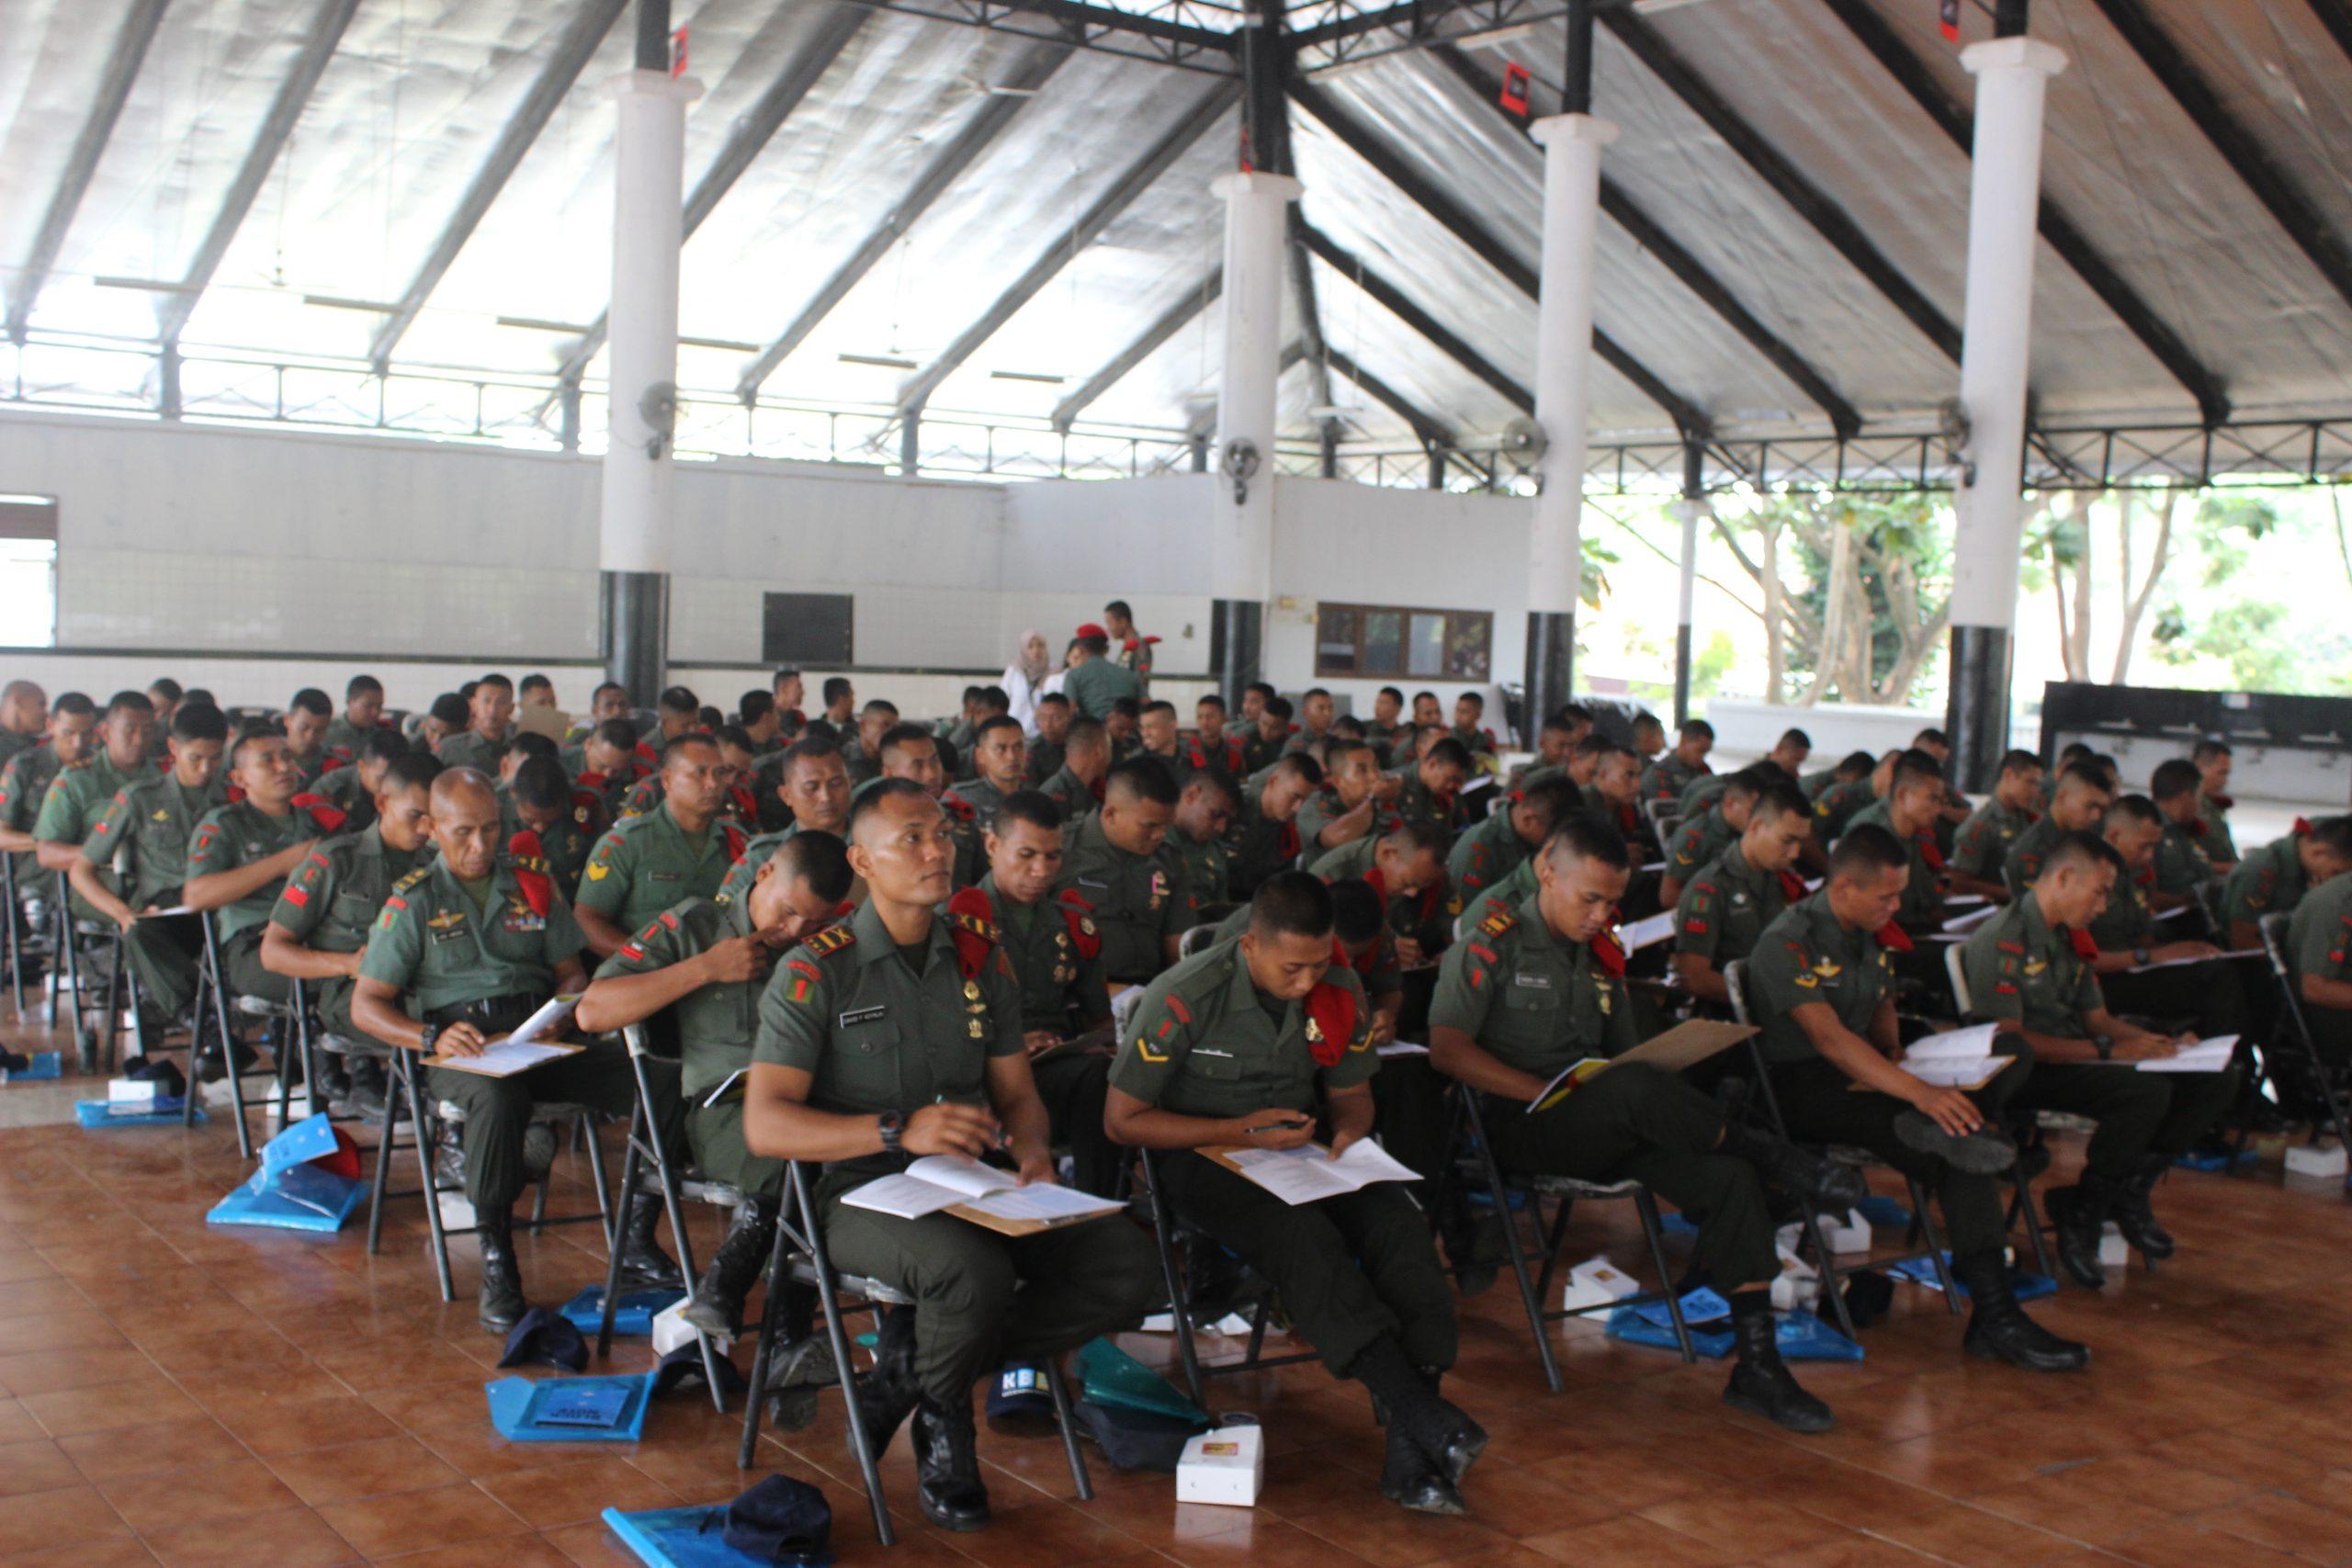 Sosialisasi Uji Kemahiran Berbahasa Indonesia (UKBI) bagi Tenga Profesional daan Calon Tenaga Profesional di Kota Serang